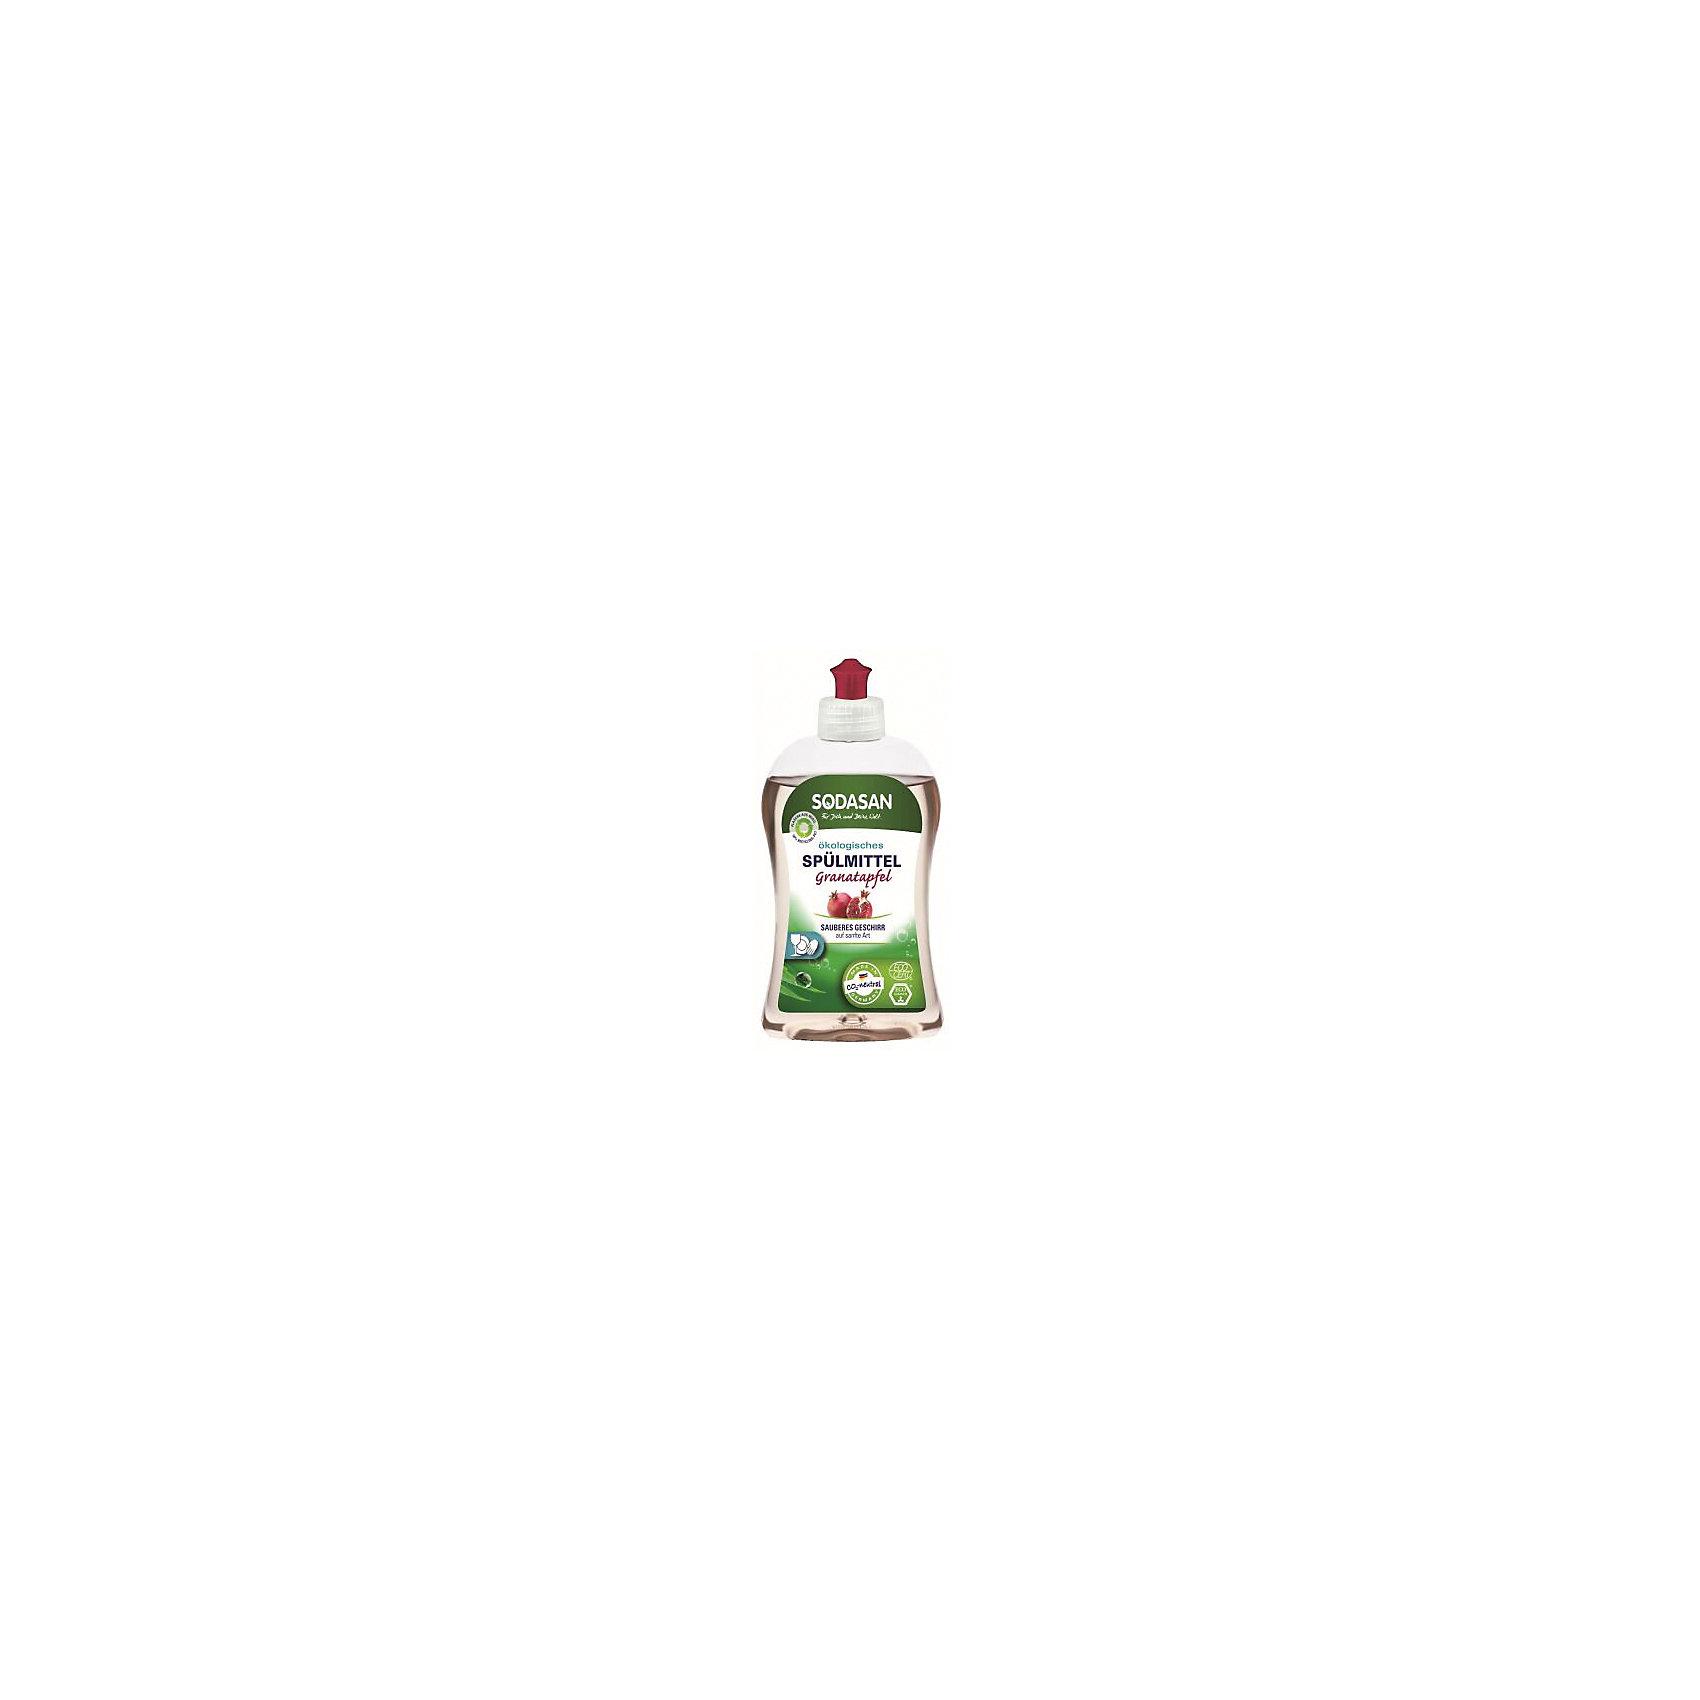 Средство для посуды с гранатом 500мл, SodasanКачественно и безопасно моет посуду без лишних усилий! <br>Быстро удаляет загрязнения и жир! <br>Придаёт посуде блеск и не оставляет разводов. <br>В состав входят только безопасные растительные ингредиенты органического происхождения. <br>Специальная формула с гранатом защищает ваши руки от пересыхания и делает их мягкими на ощупь.  <br>Экономично в использовании!<br>Концентрированное жидкое средство для мытья посуды Гранат Sodasan качественно моет посуду, эффективно удаляет загрязнения и жир. <br>Не оставляет разводов после высыхания и придает ослепительный блеск. В состав средства входят отборные ингредиенты растительного происхождения, поэтому оно абсолютно безопасно для здоровья всех членов семьи! <br>Органический уксус в сочетании с натуральными ПАВ сахара без особых усилий справляются с самыми сложными загрязнениями. Эфирное гранатовое масло защищает руки от пересыхания, предупреждает шелушение кожи и придает ей удивительную гладкость. <br>Концентрированное средство Sodasan медленно расходуется и экономично в использовании!<br><br>Ширина мм: 250<br>Глубина мм: 100<br>Высота мм: 250<br>Вес г: 500<br>Возраст от месяцев: 216<br>Возраст до месяцев: 1188<br>Пол: Унисекс<br>Возраст: Детский<br>SKU: 5407620